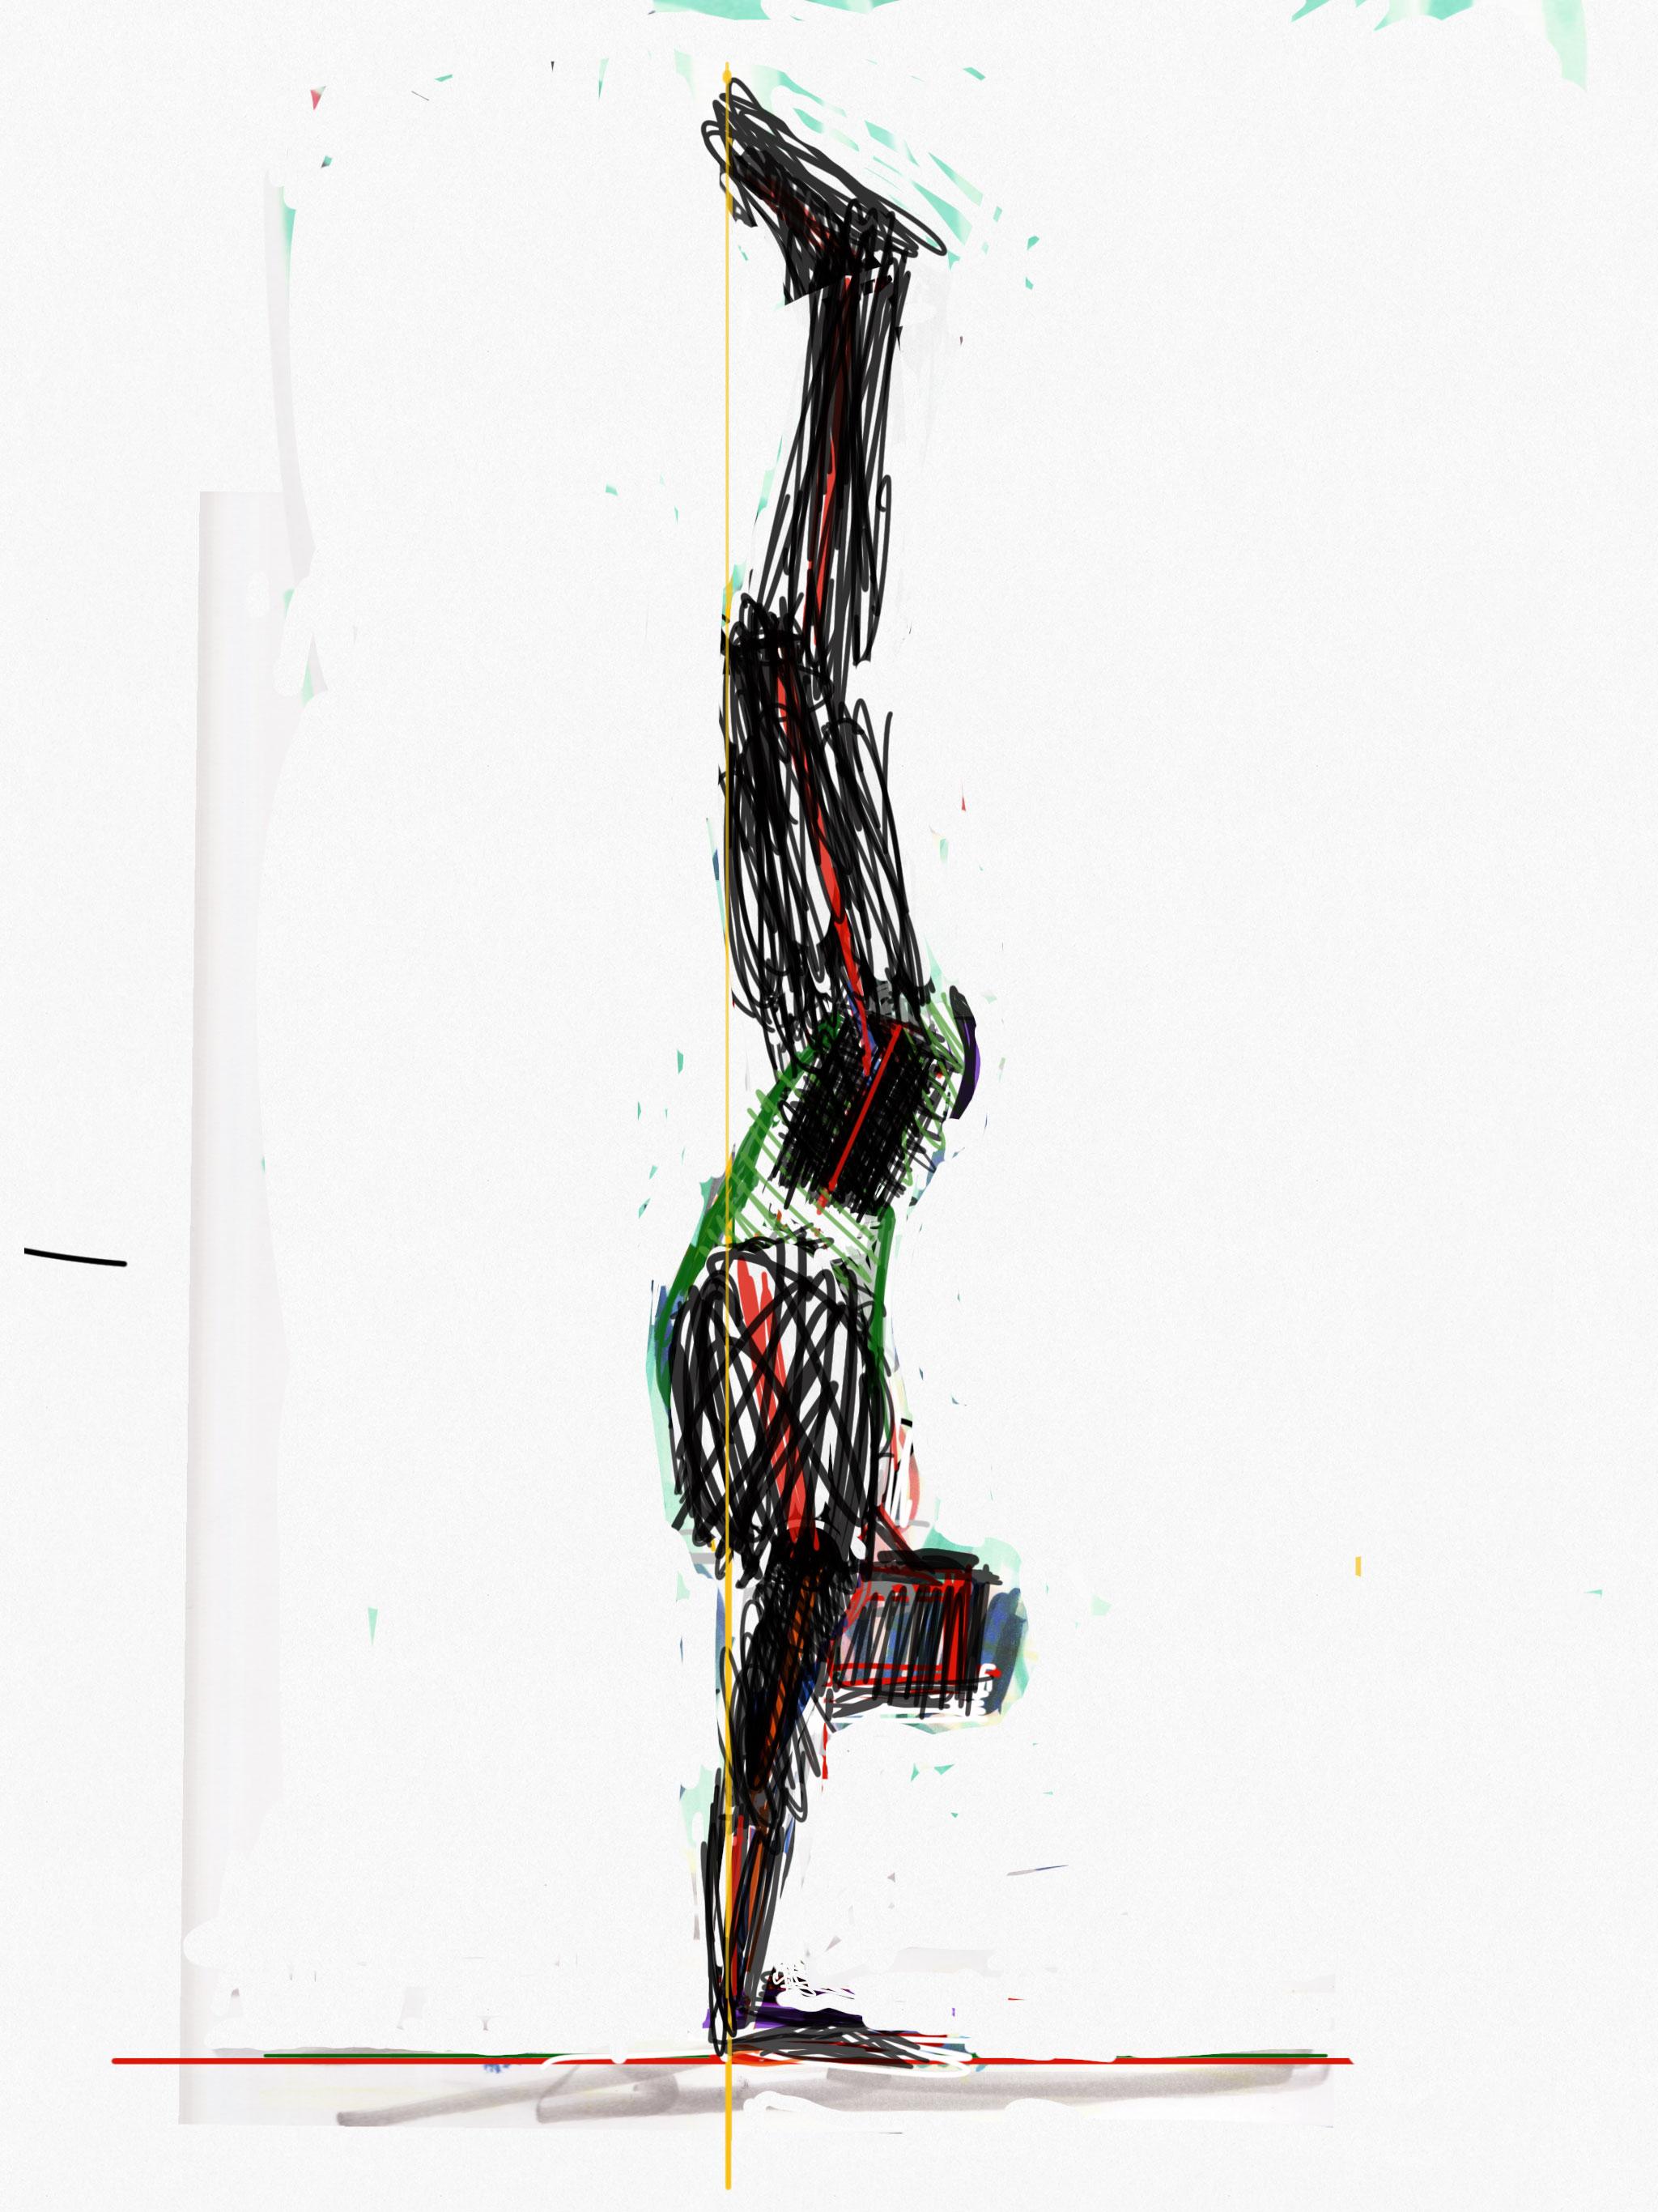 Handstand, June 2020